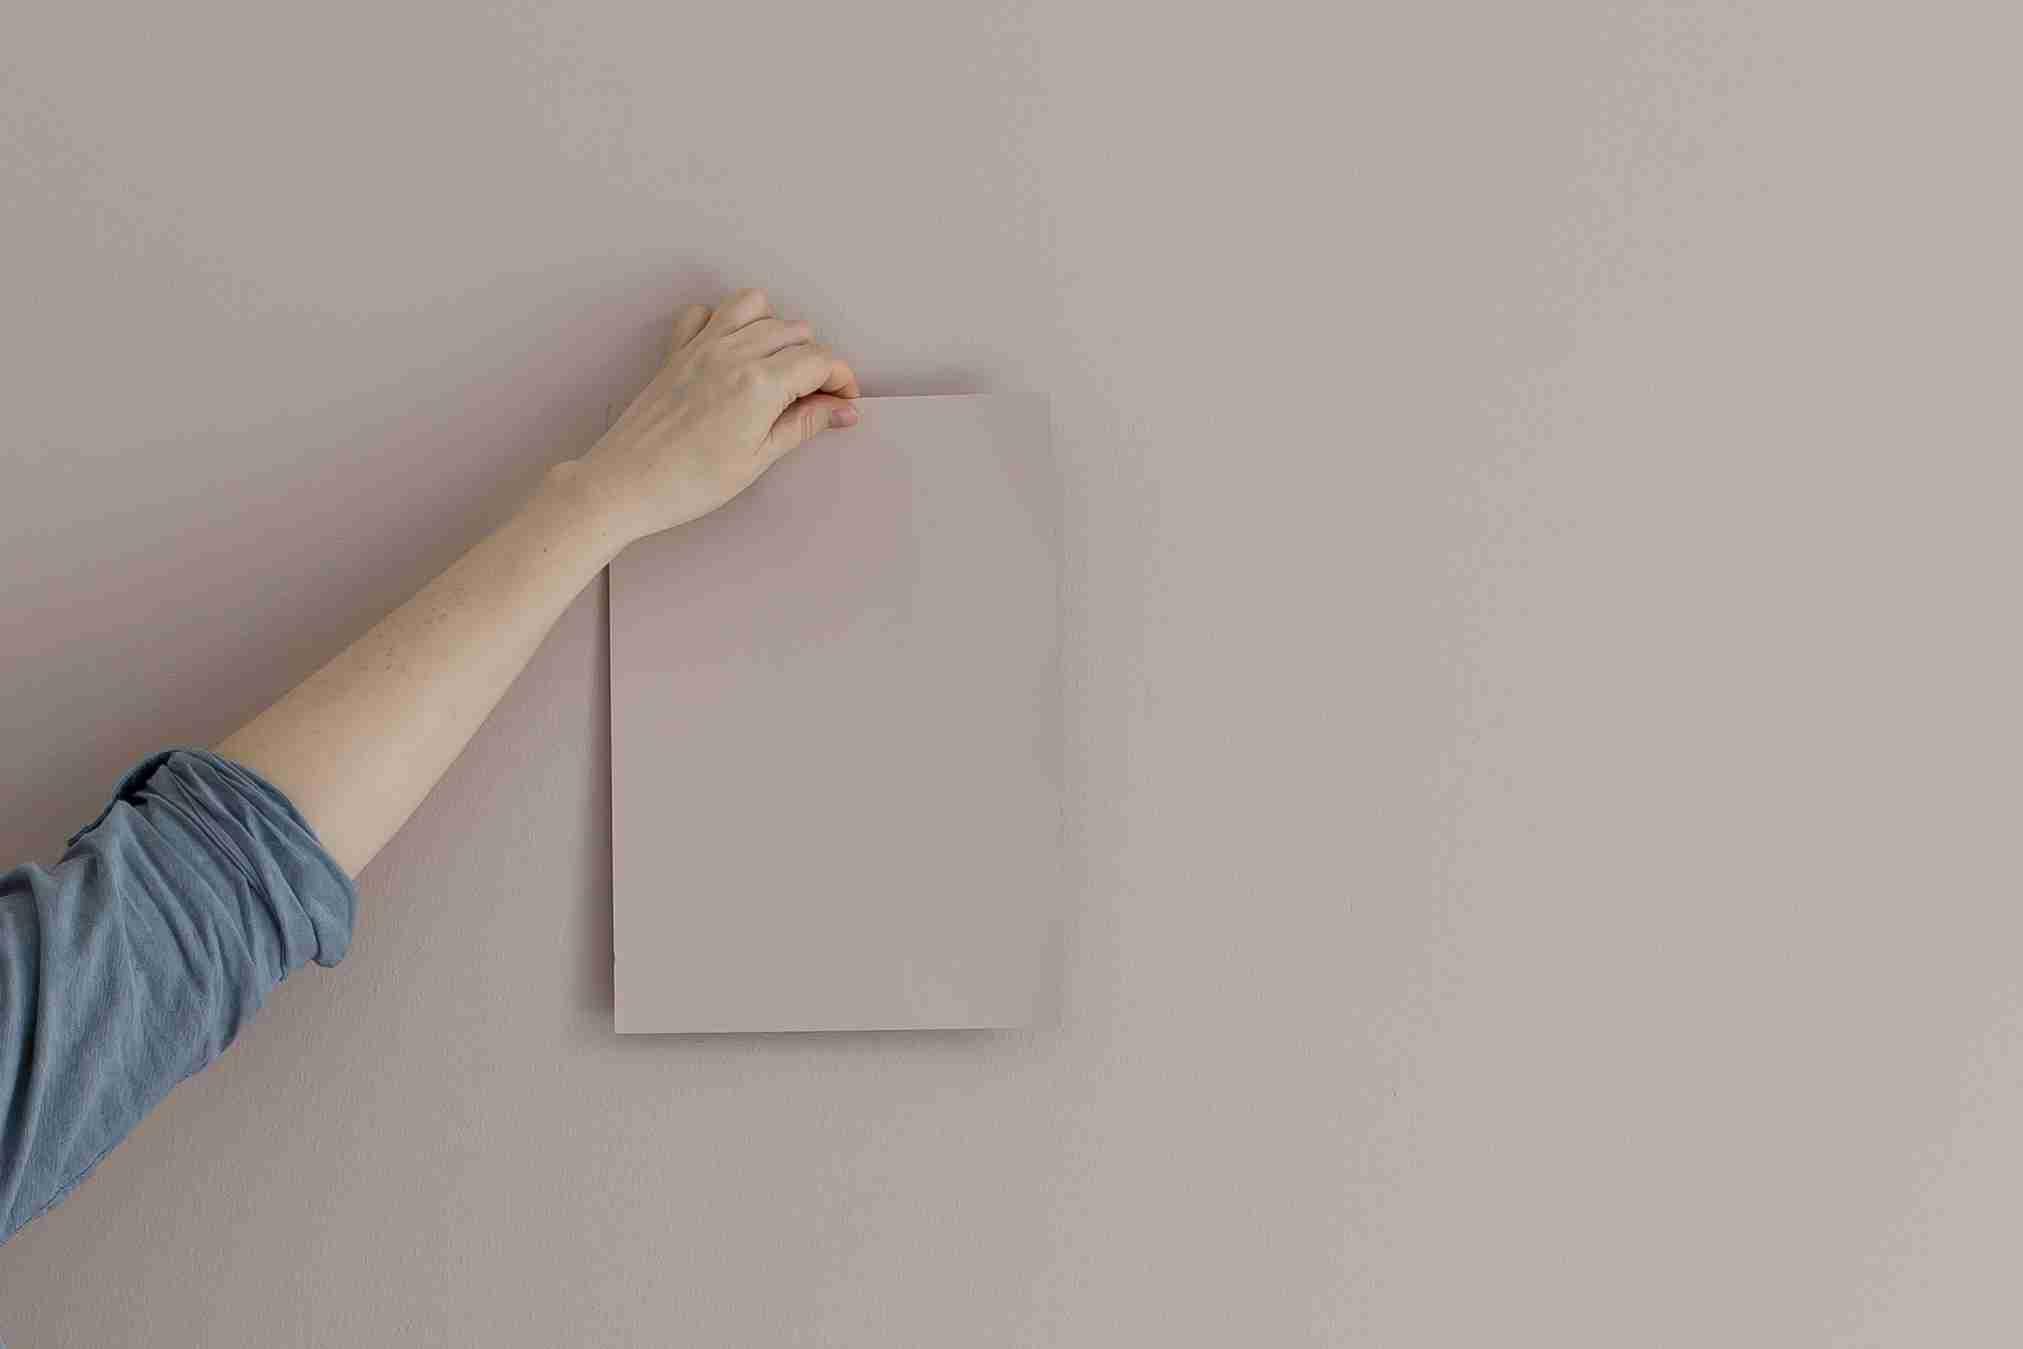 怎么能挑选到放心好涂料?什么牌子的漆环保?